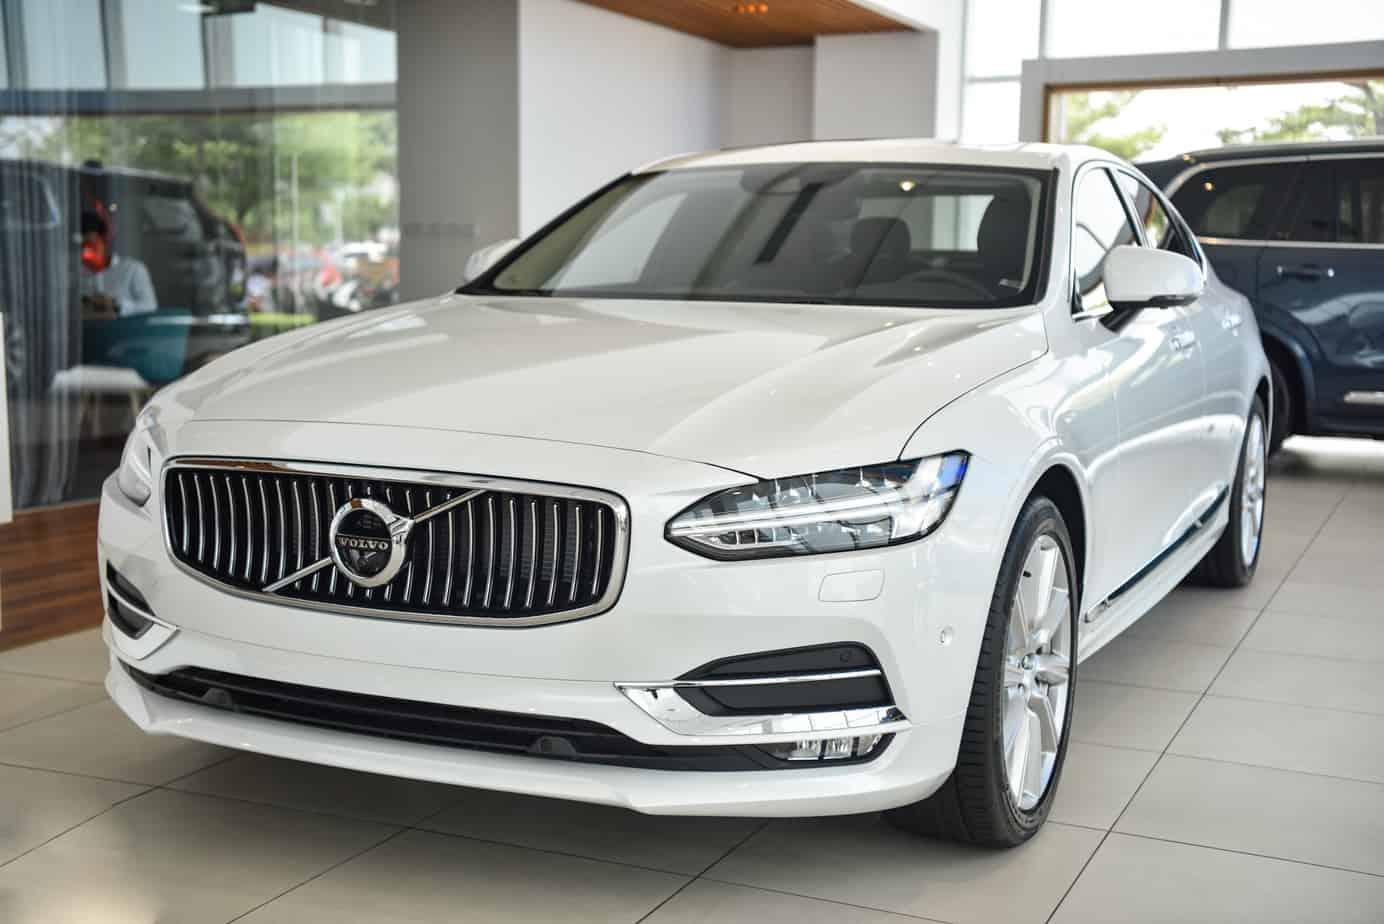 VOLVO S90 - Giá xe Ô tô Volvo mới nhất tháng [hienthithang]/[hienthinam] + khuyến mãi #1